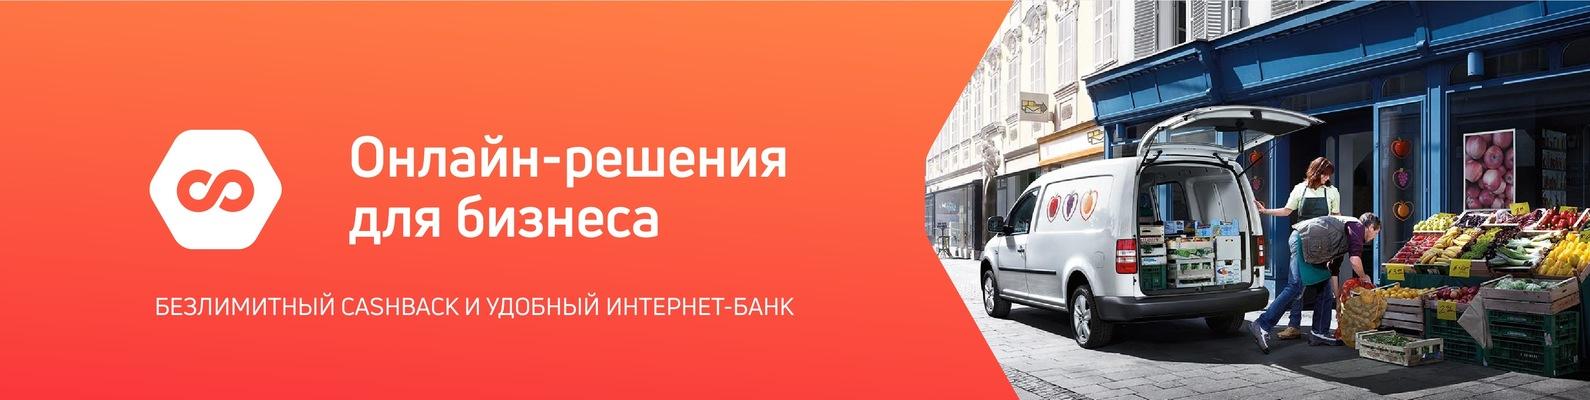 Лицензия на продажу табачных изделий для ип 2021 цена где можно купить сигареты в москве в розницу